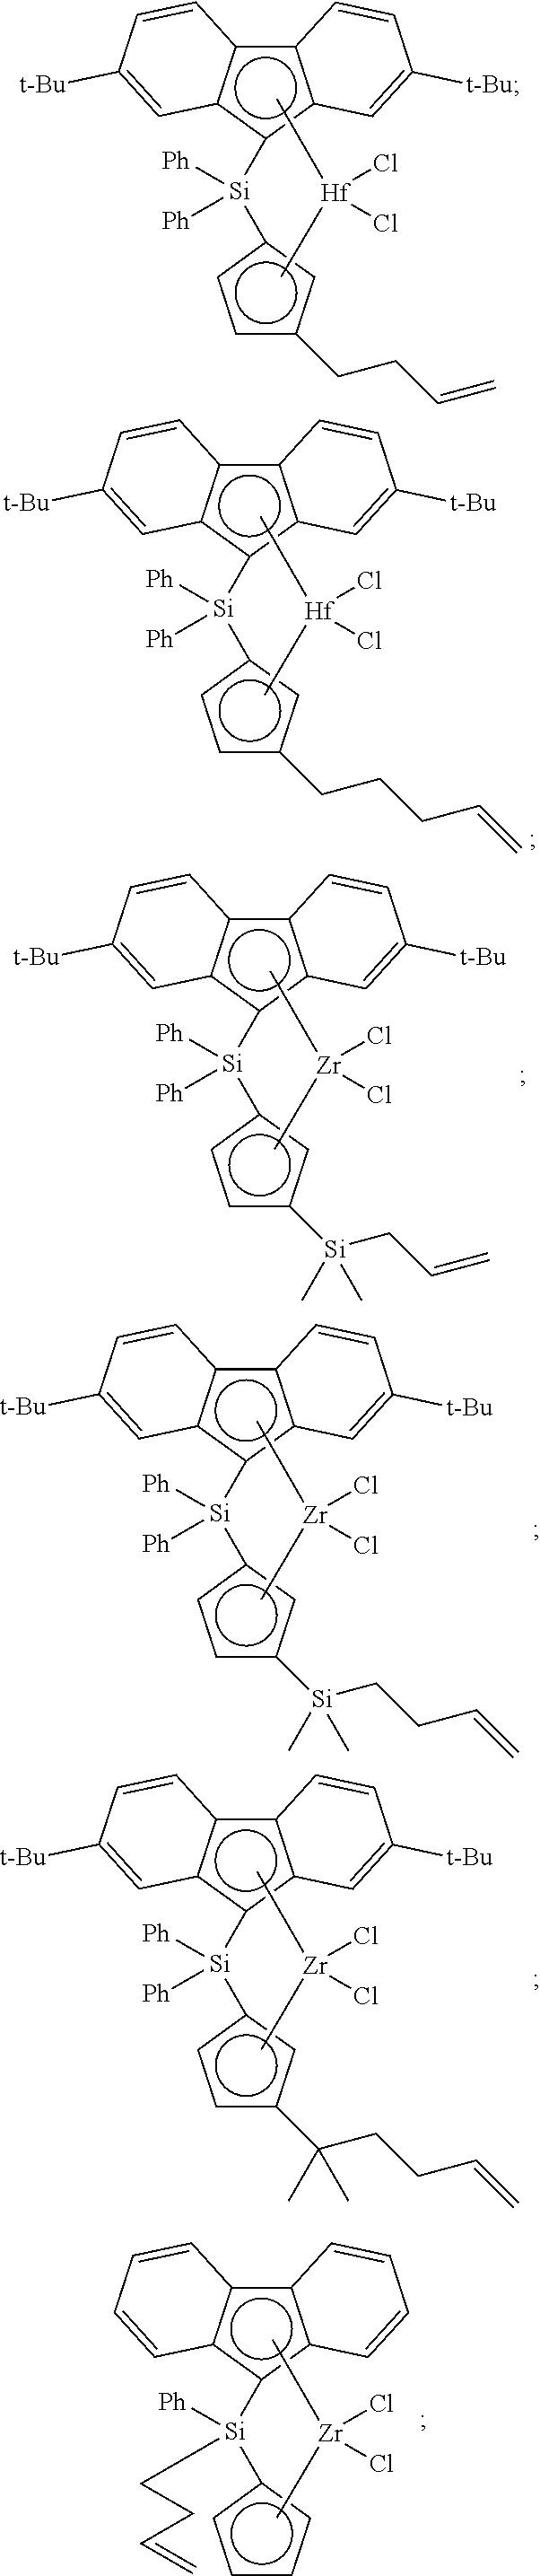 Figure US08450436-20130528-C00015